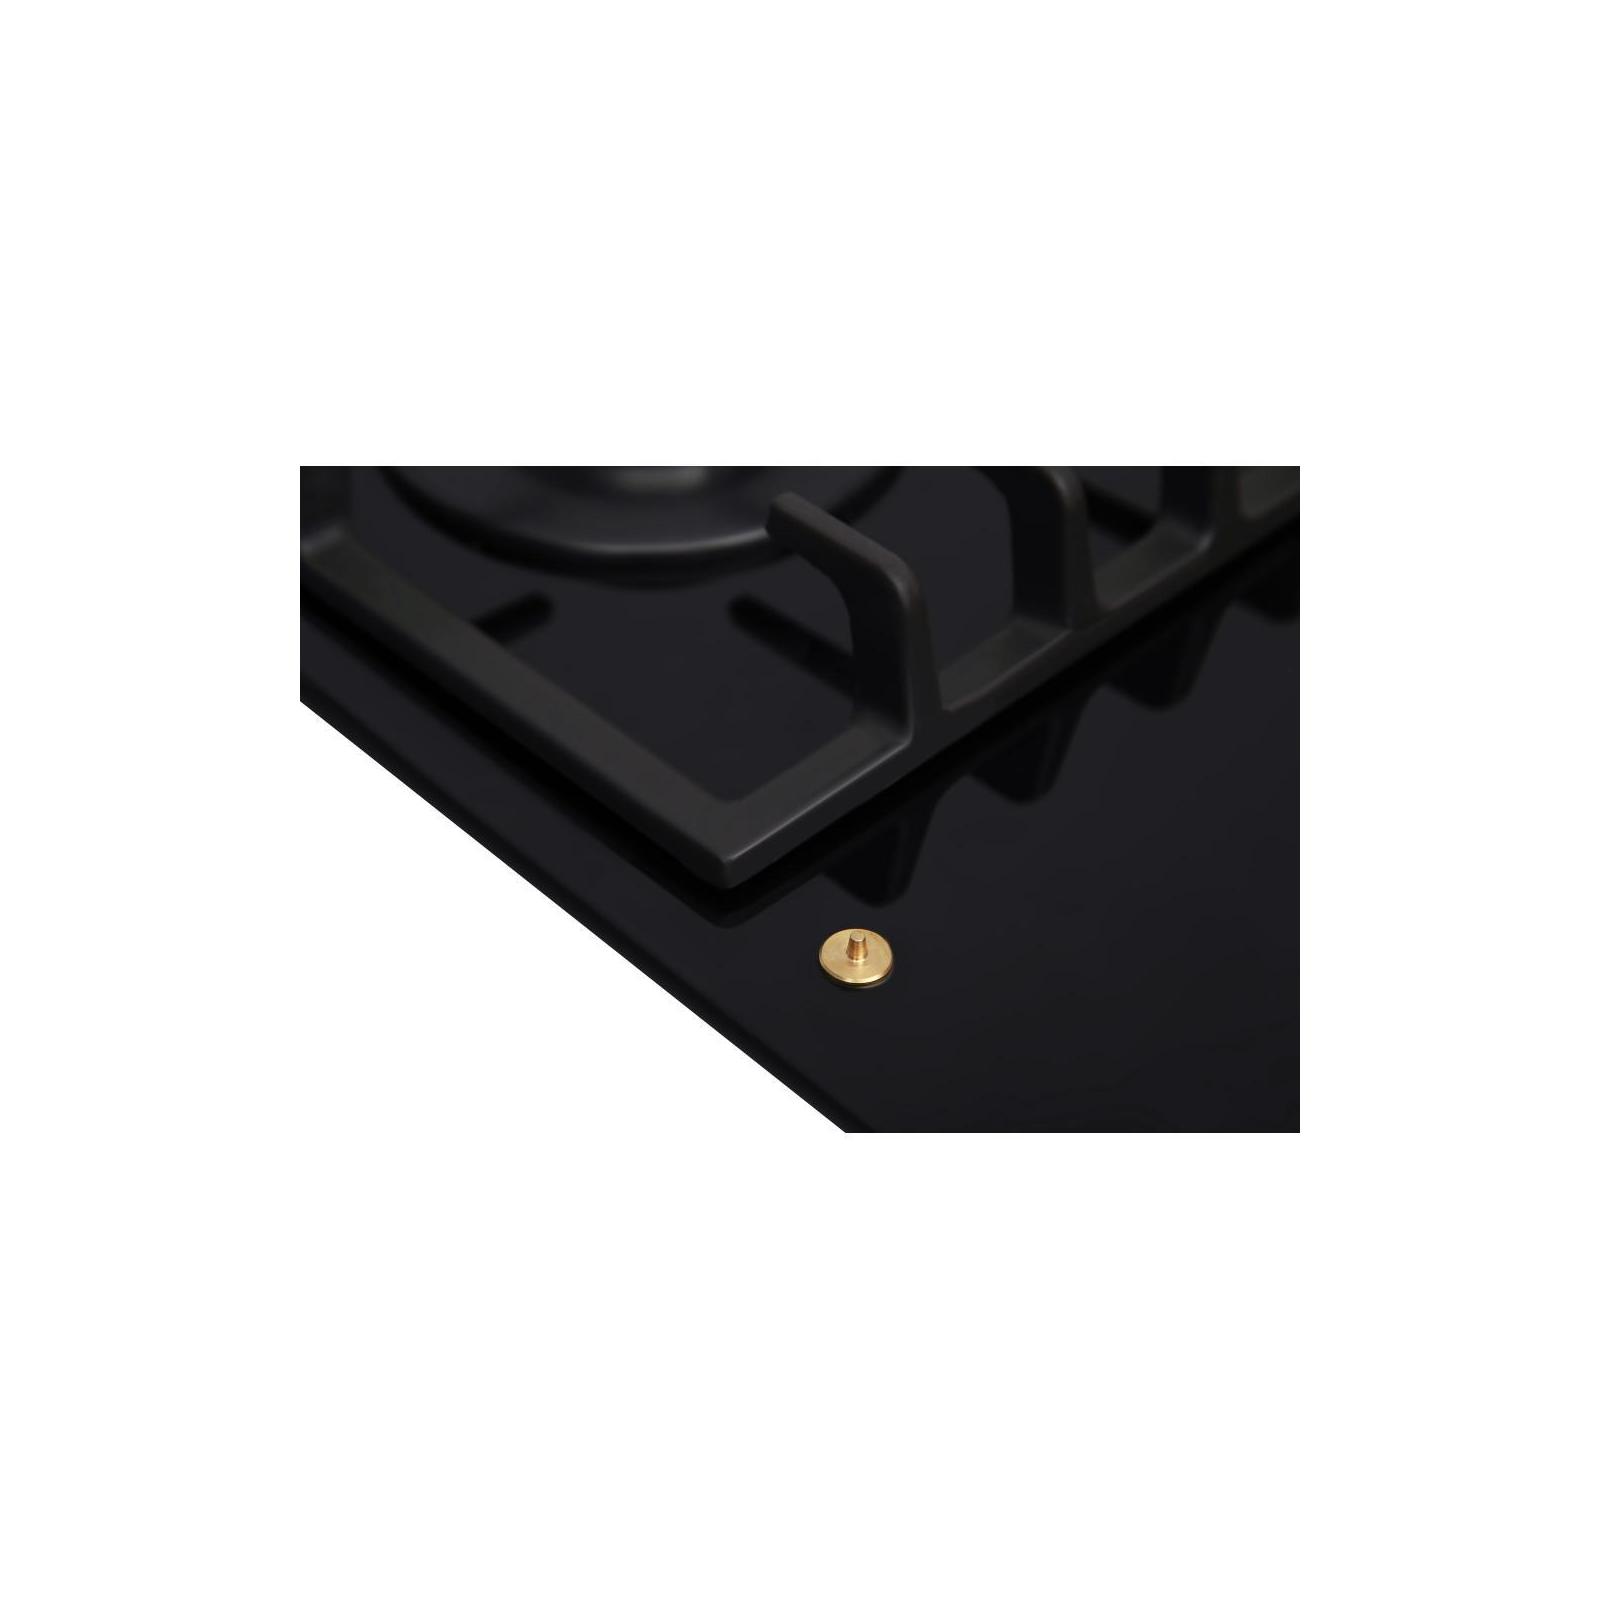 Варочная поверхность MINOLA MGG 61425 BL изображение 4